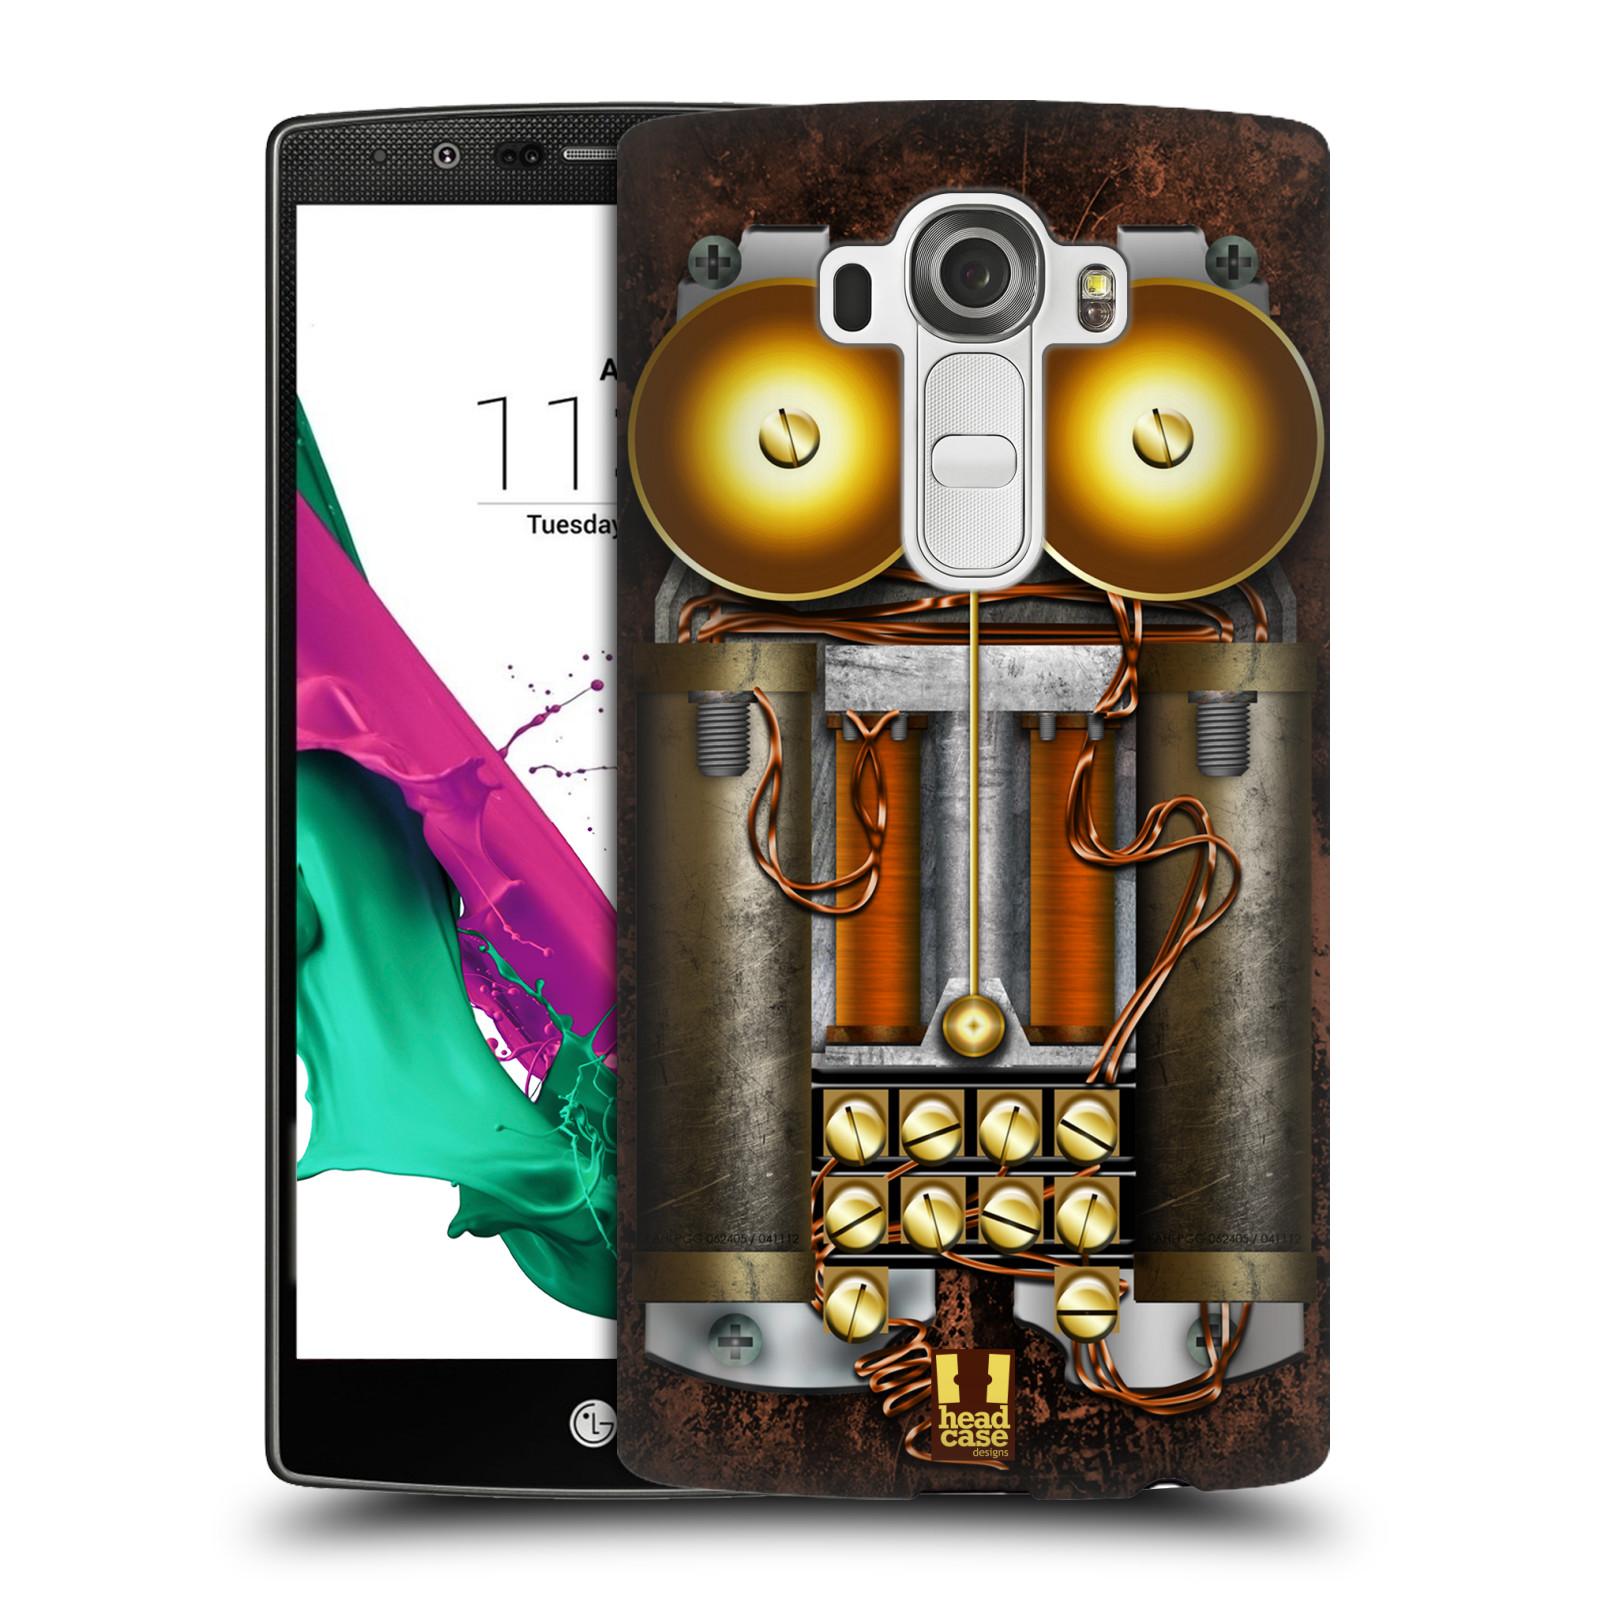 Plastové pouzdro na mobil LG G4 HEAD CASE STEAMPUNK TELEFON (Kryt či obal na mobilní telefon LG G4 H815)